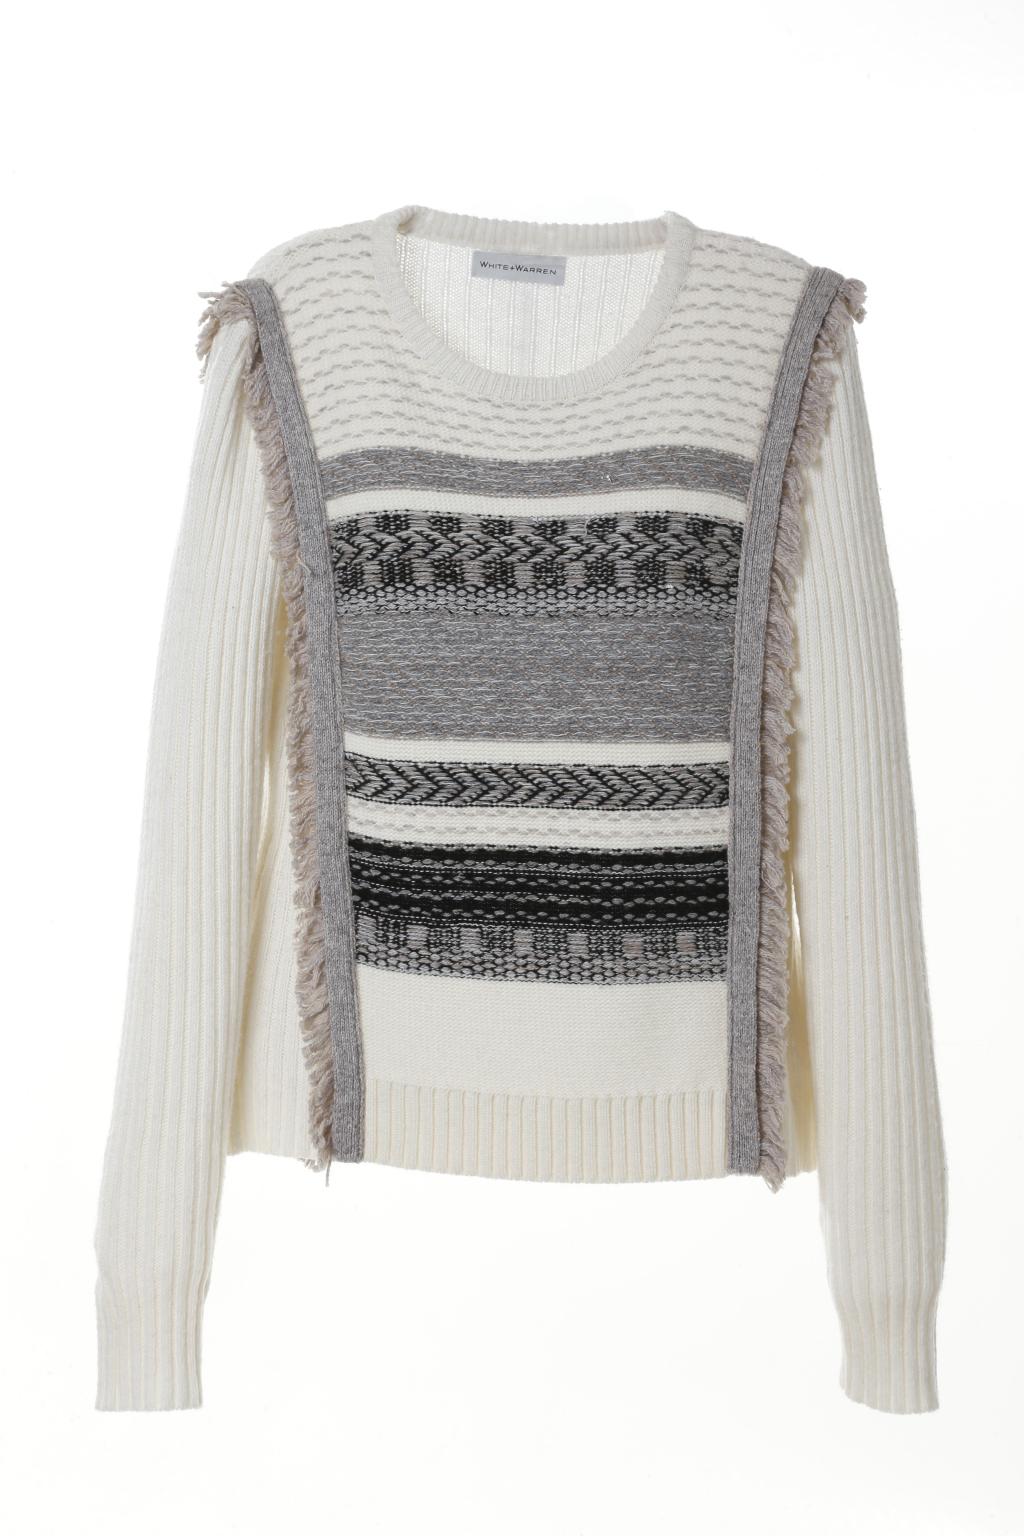 Модный разноцветный свитер тренд сезона из коллекции White + Warren.